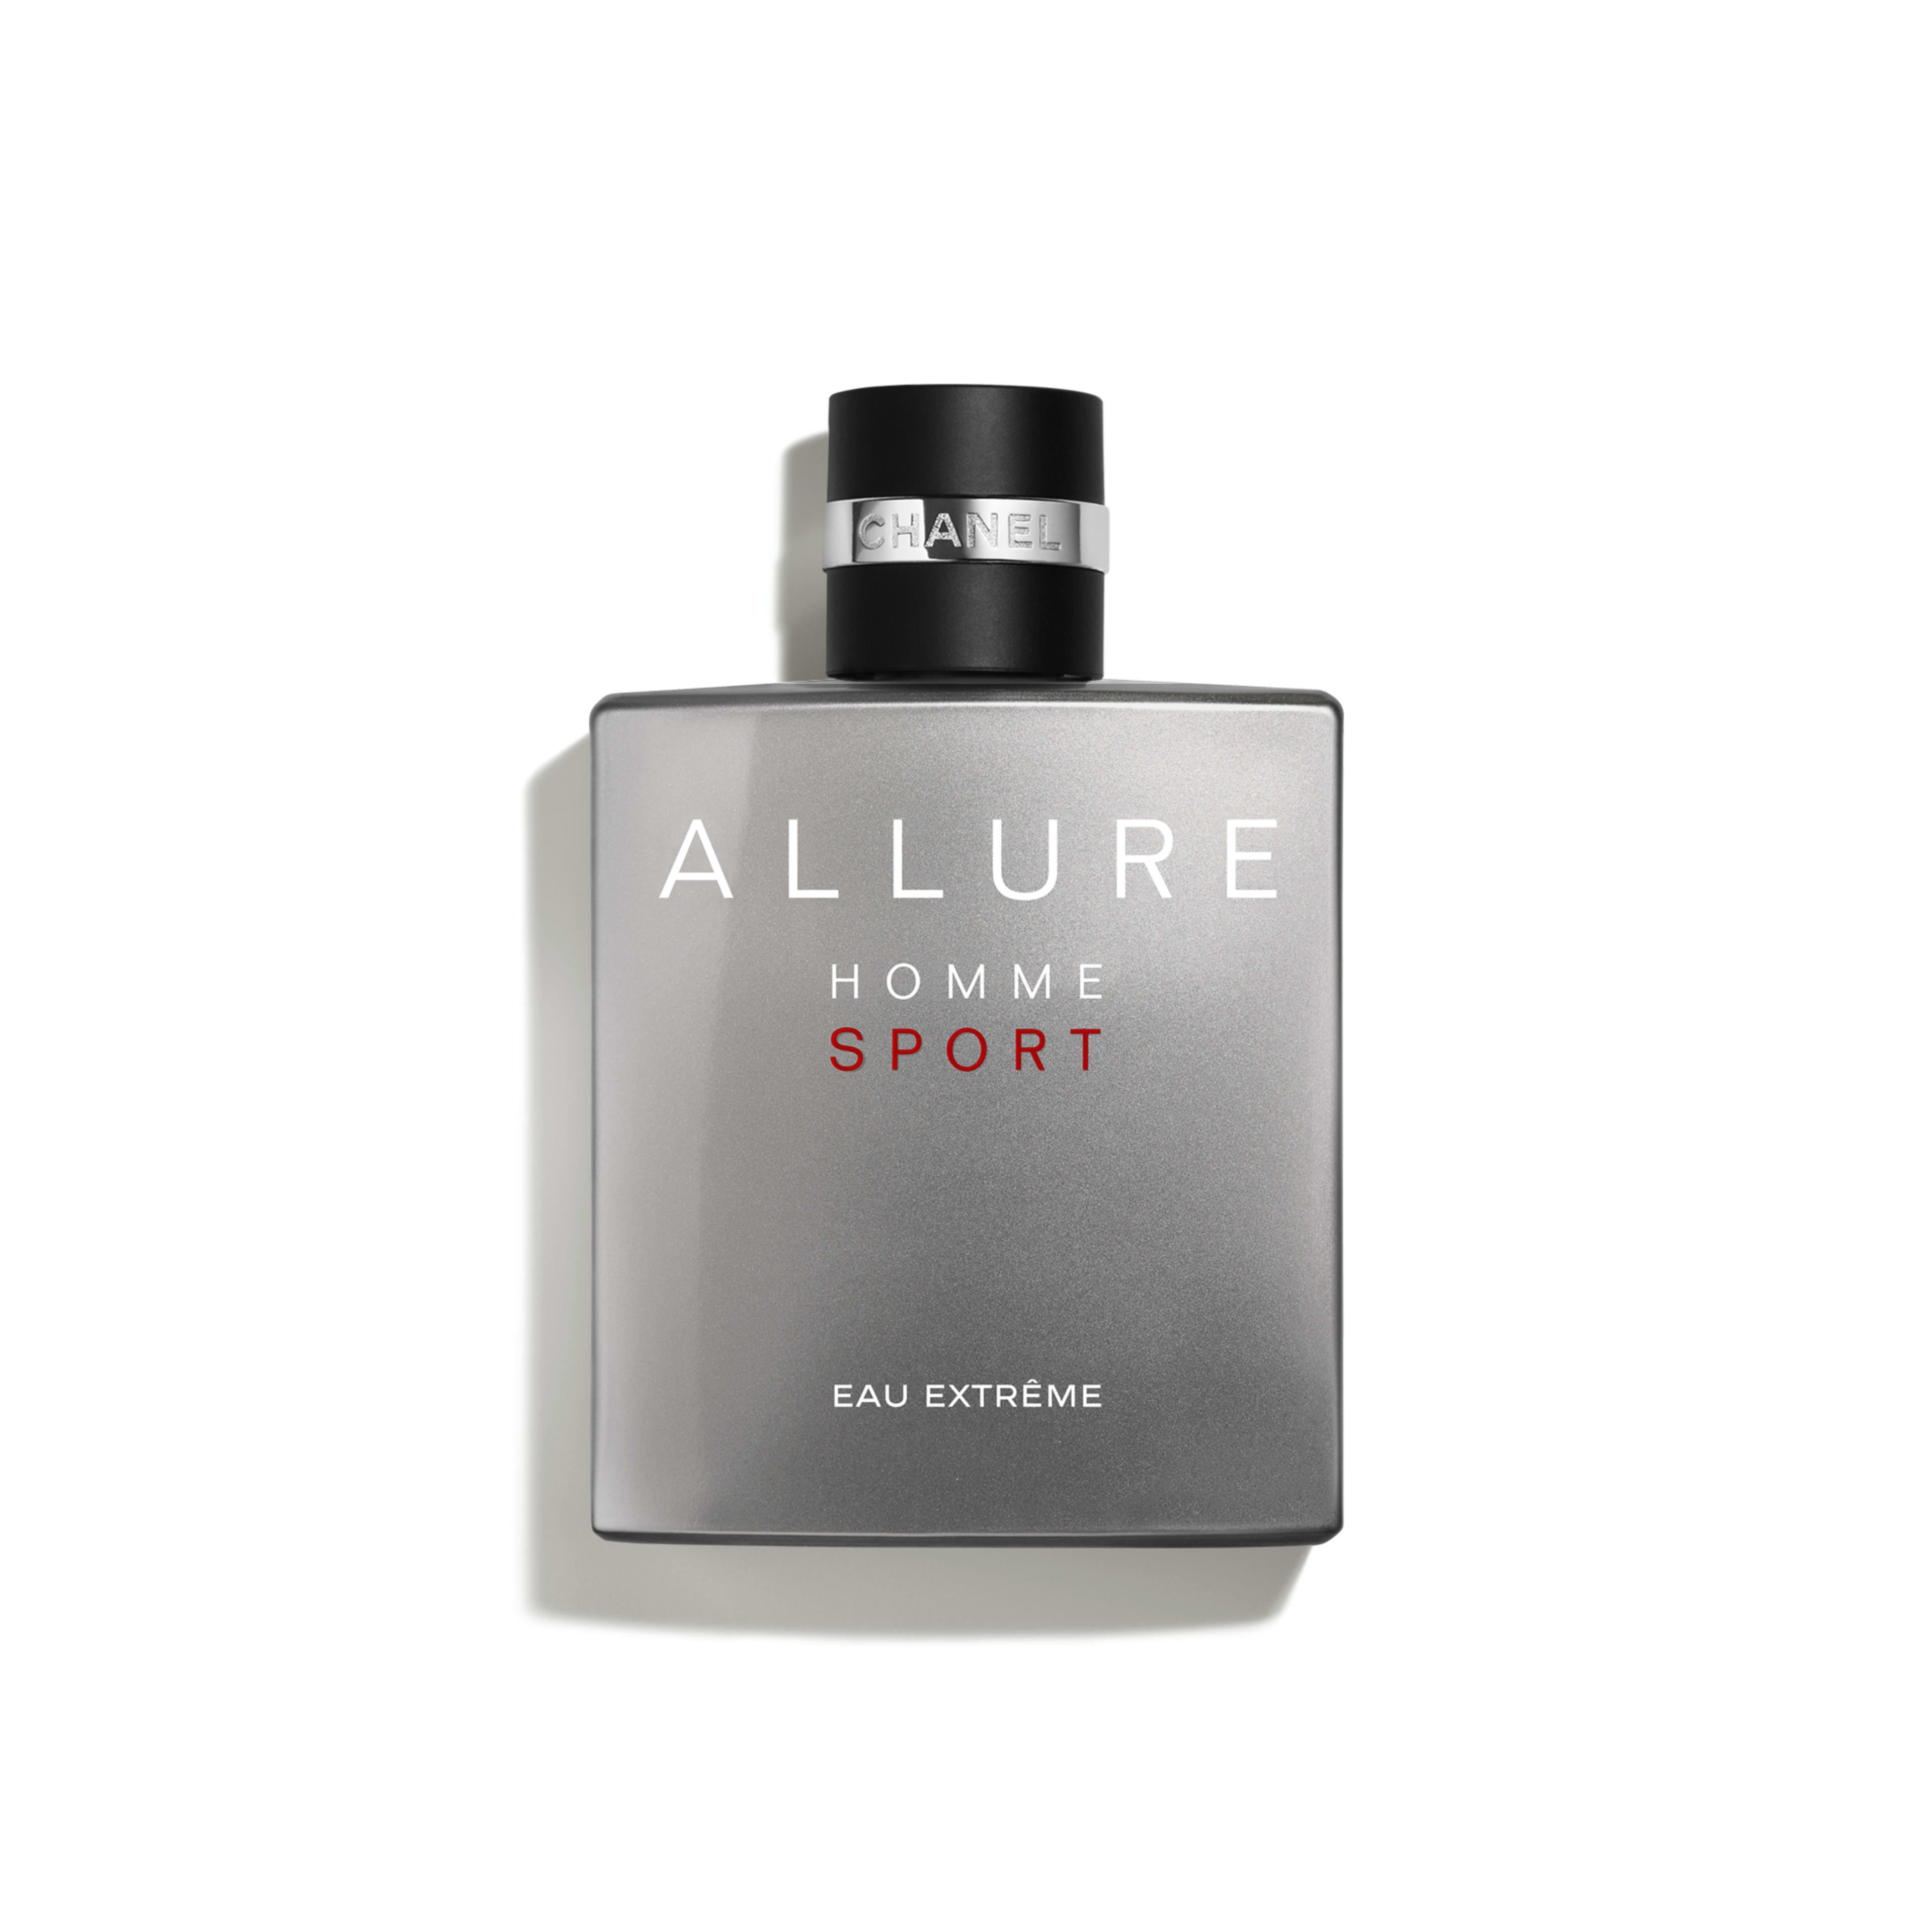 parfum chanel homme